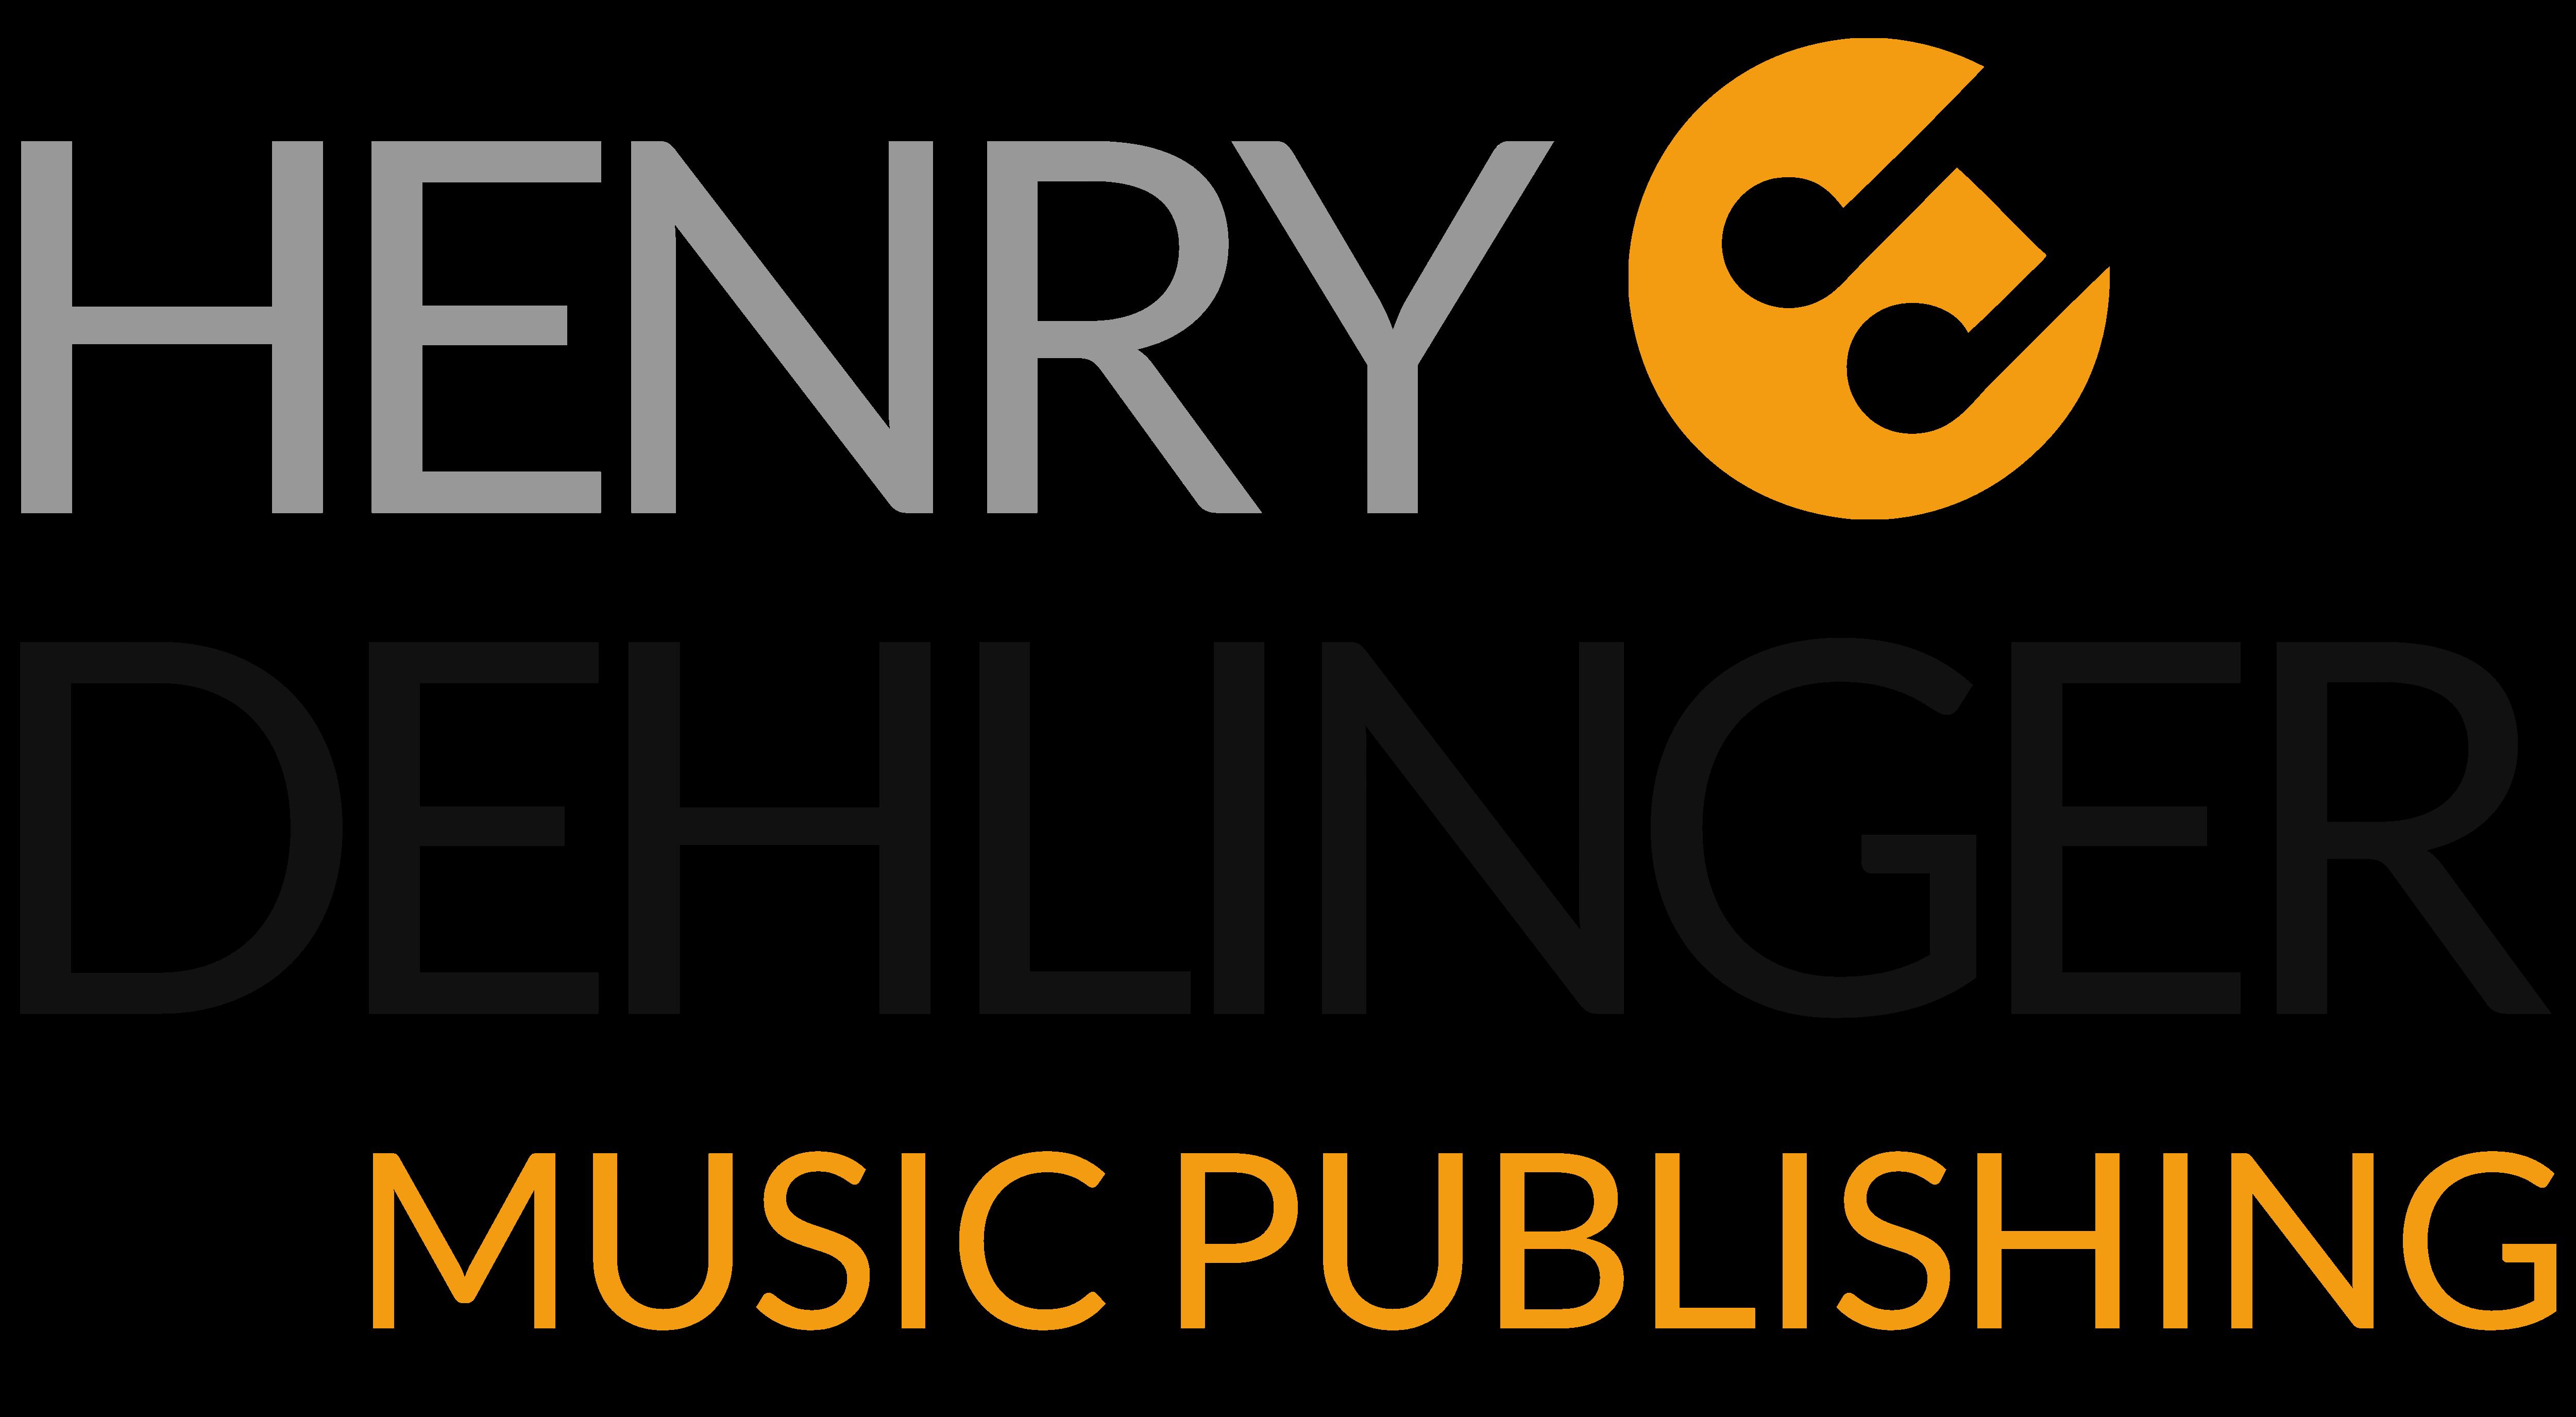 Henry Dehlinger Music Publishing